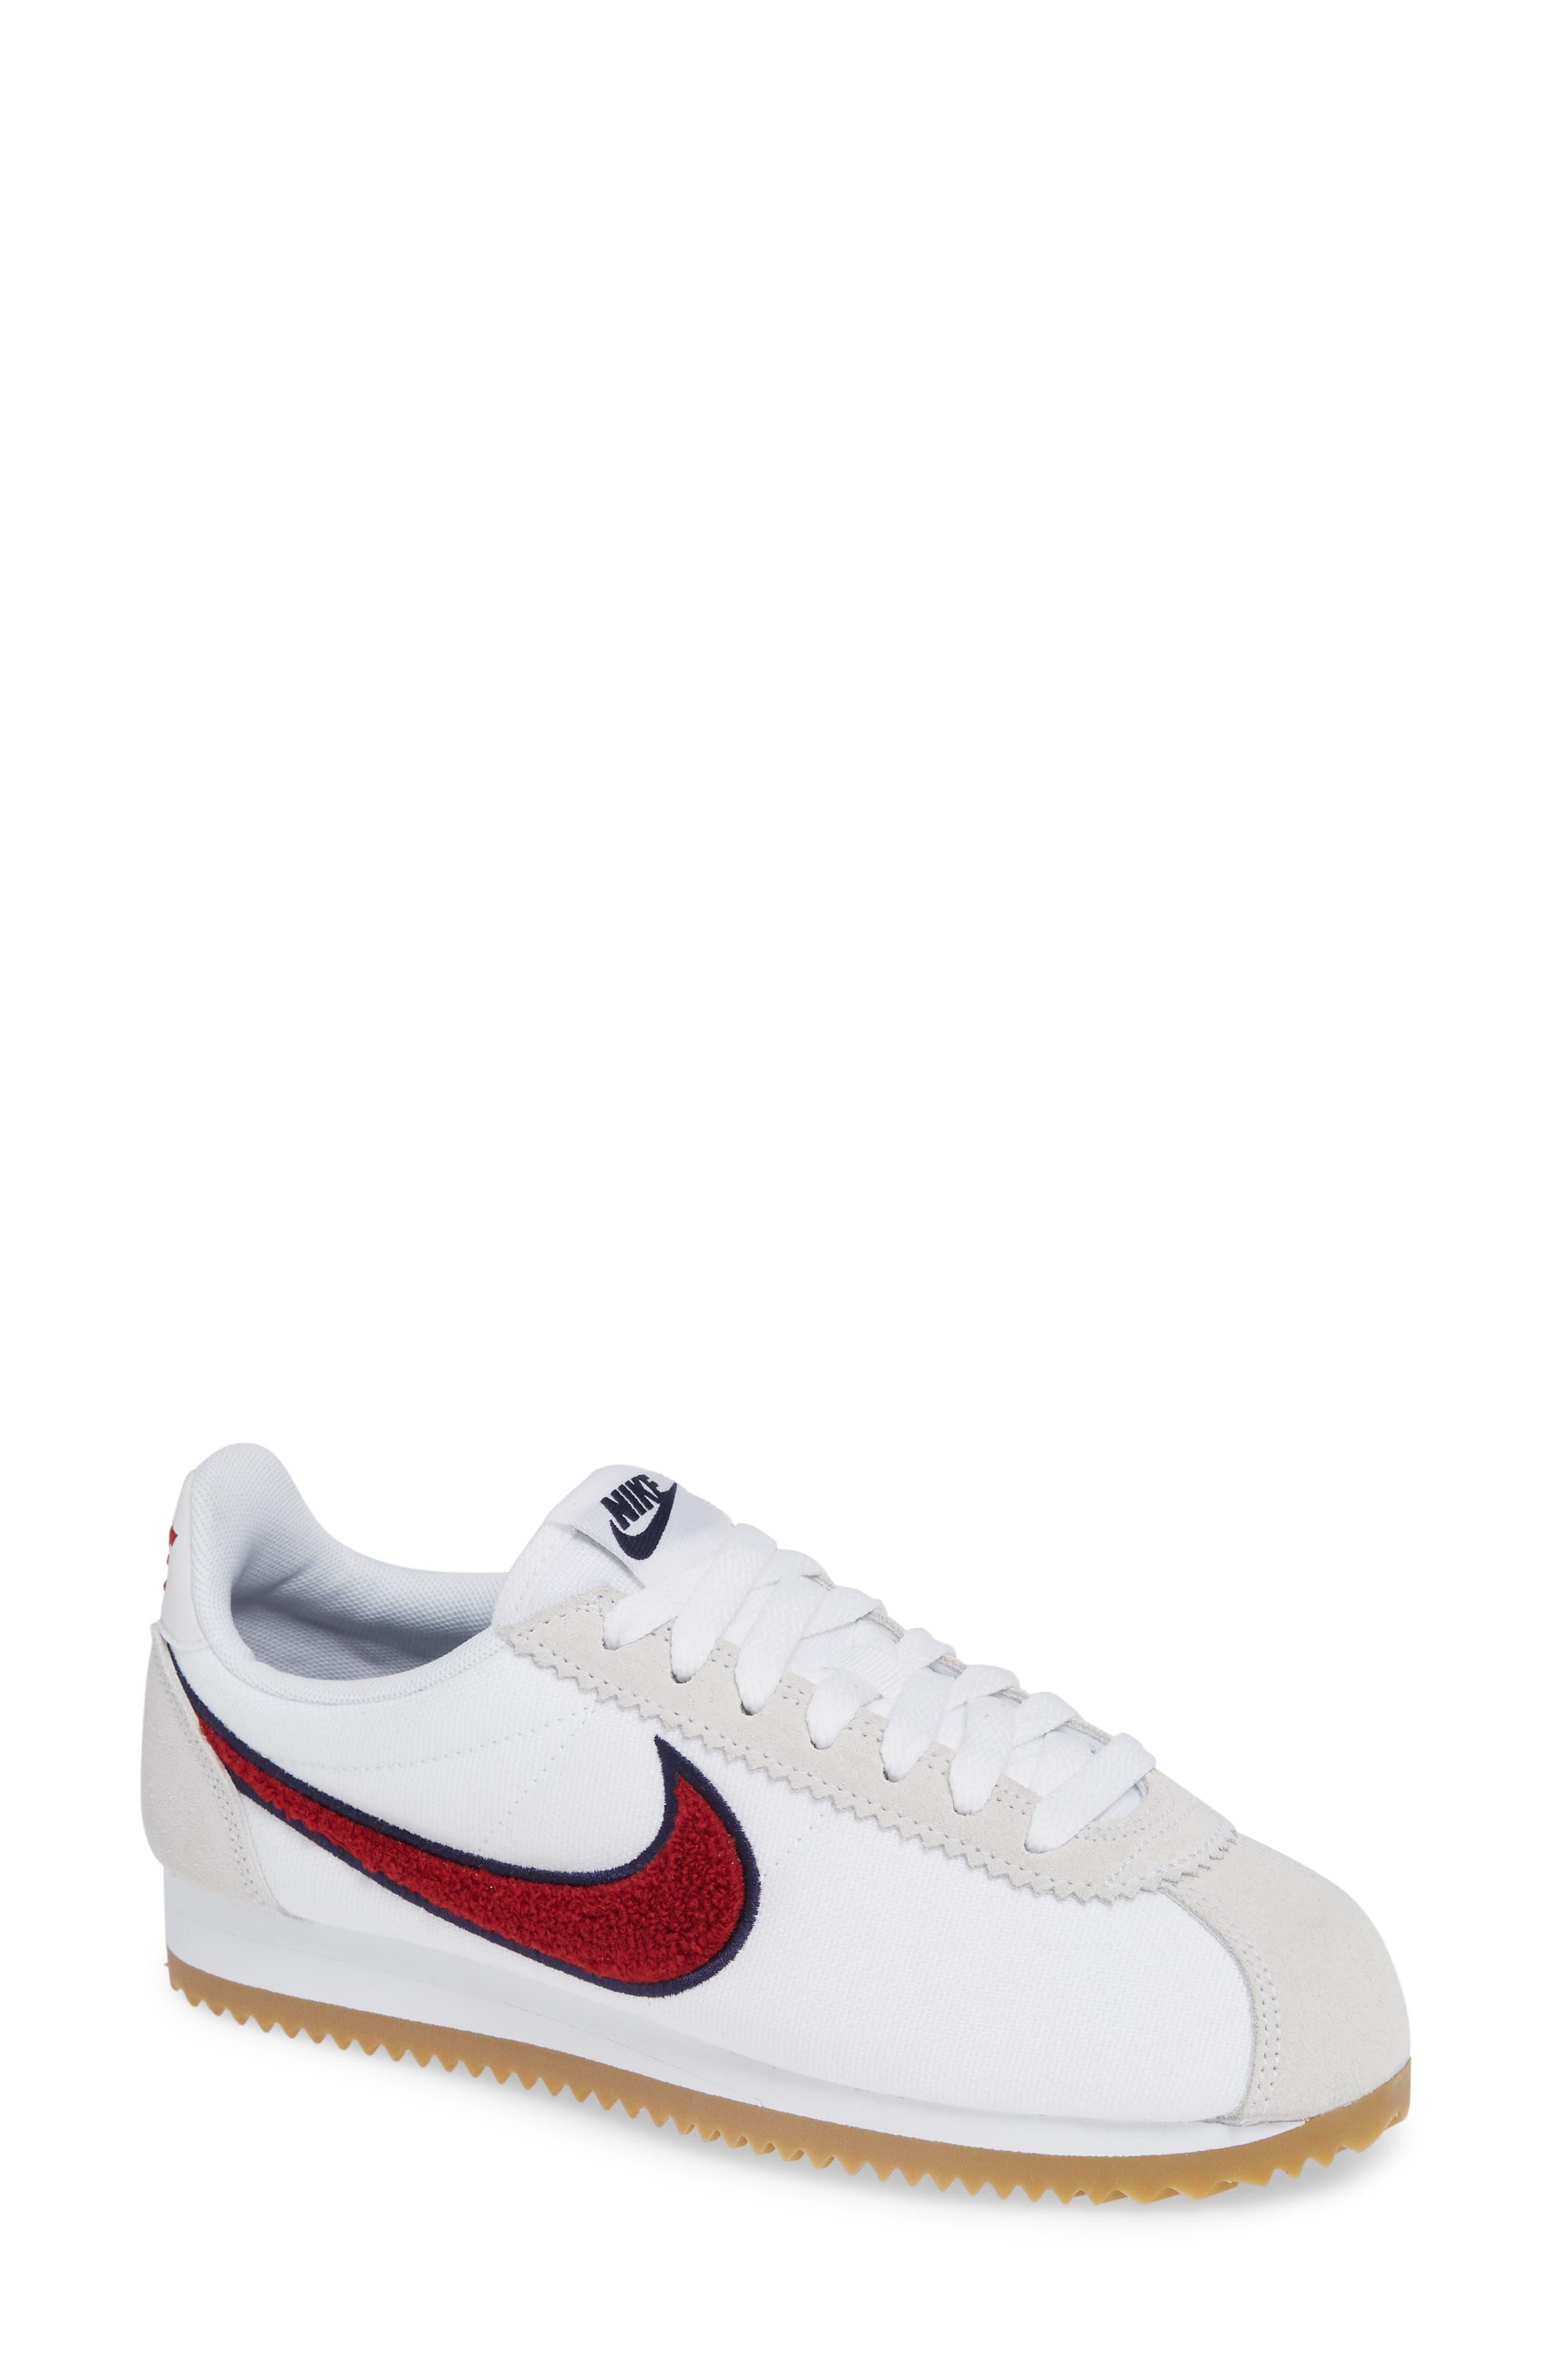 Classic Cortez Premium XLV Sneaker,                         Main,                         color, WHITE/ RED CRUSH/ LIGHT BROWN